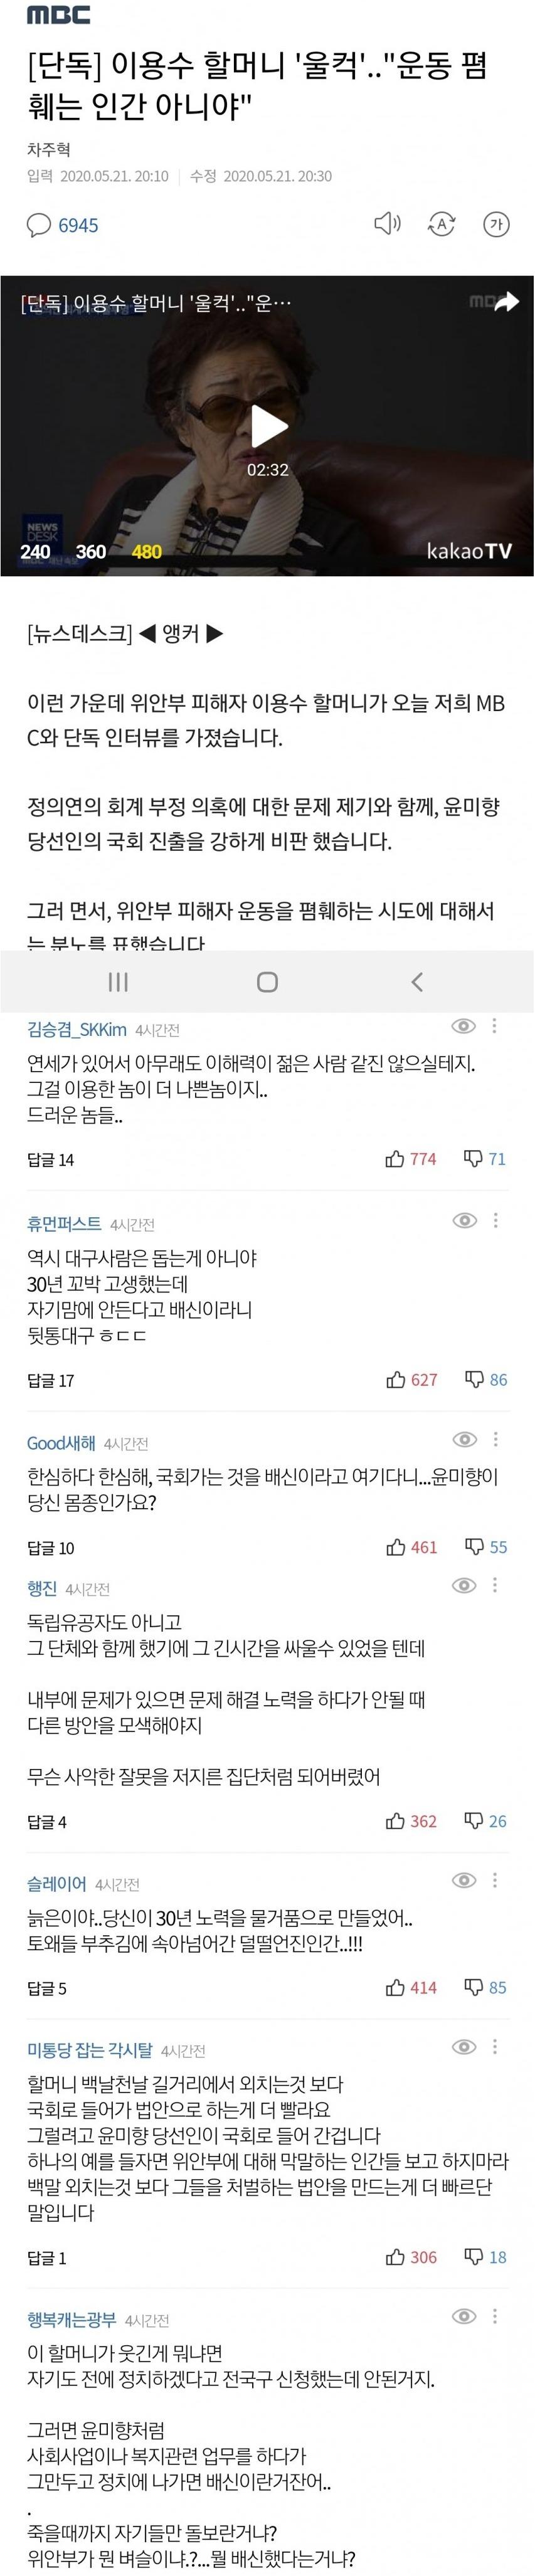 정치적 의도로 위안부를 이용했던 집단의 댓글